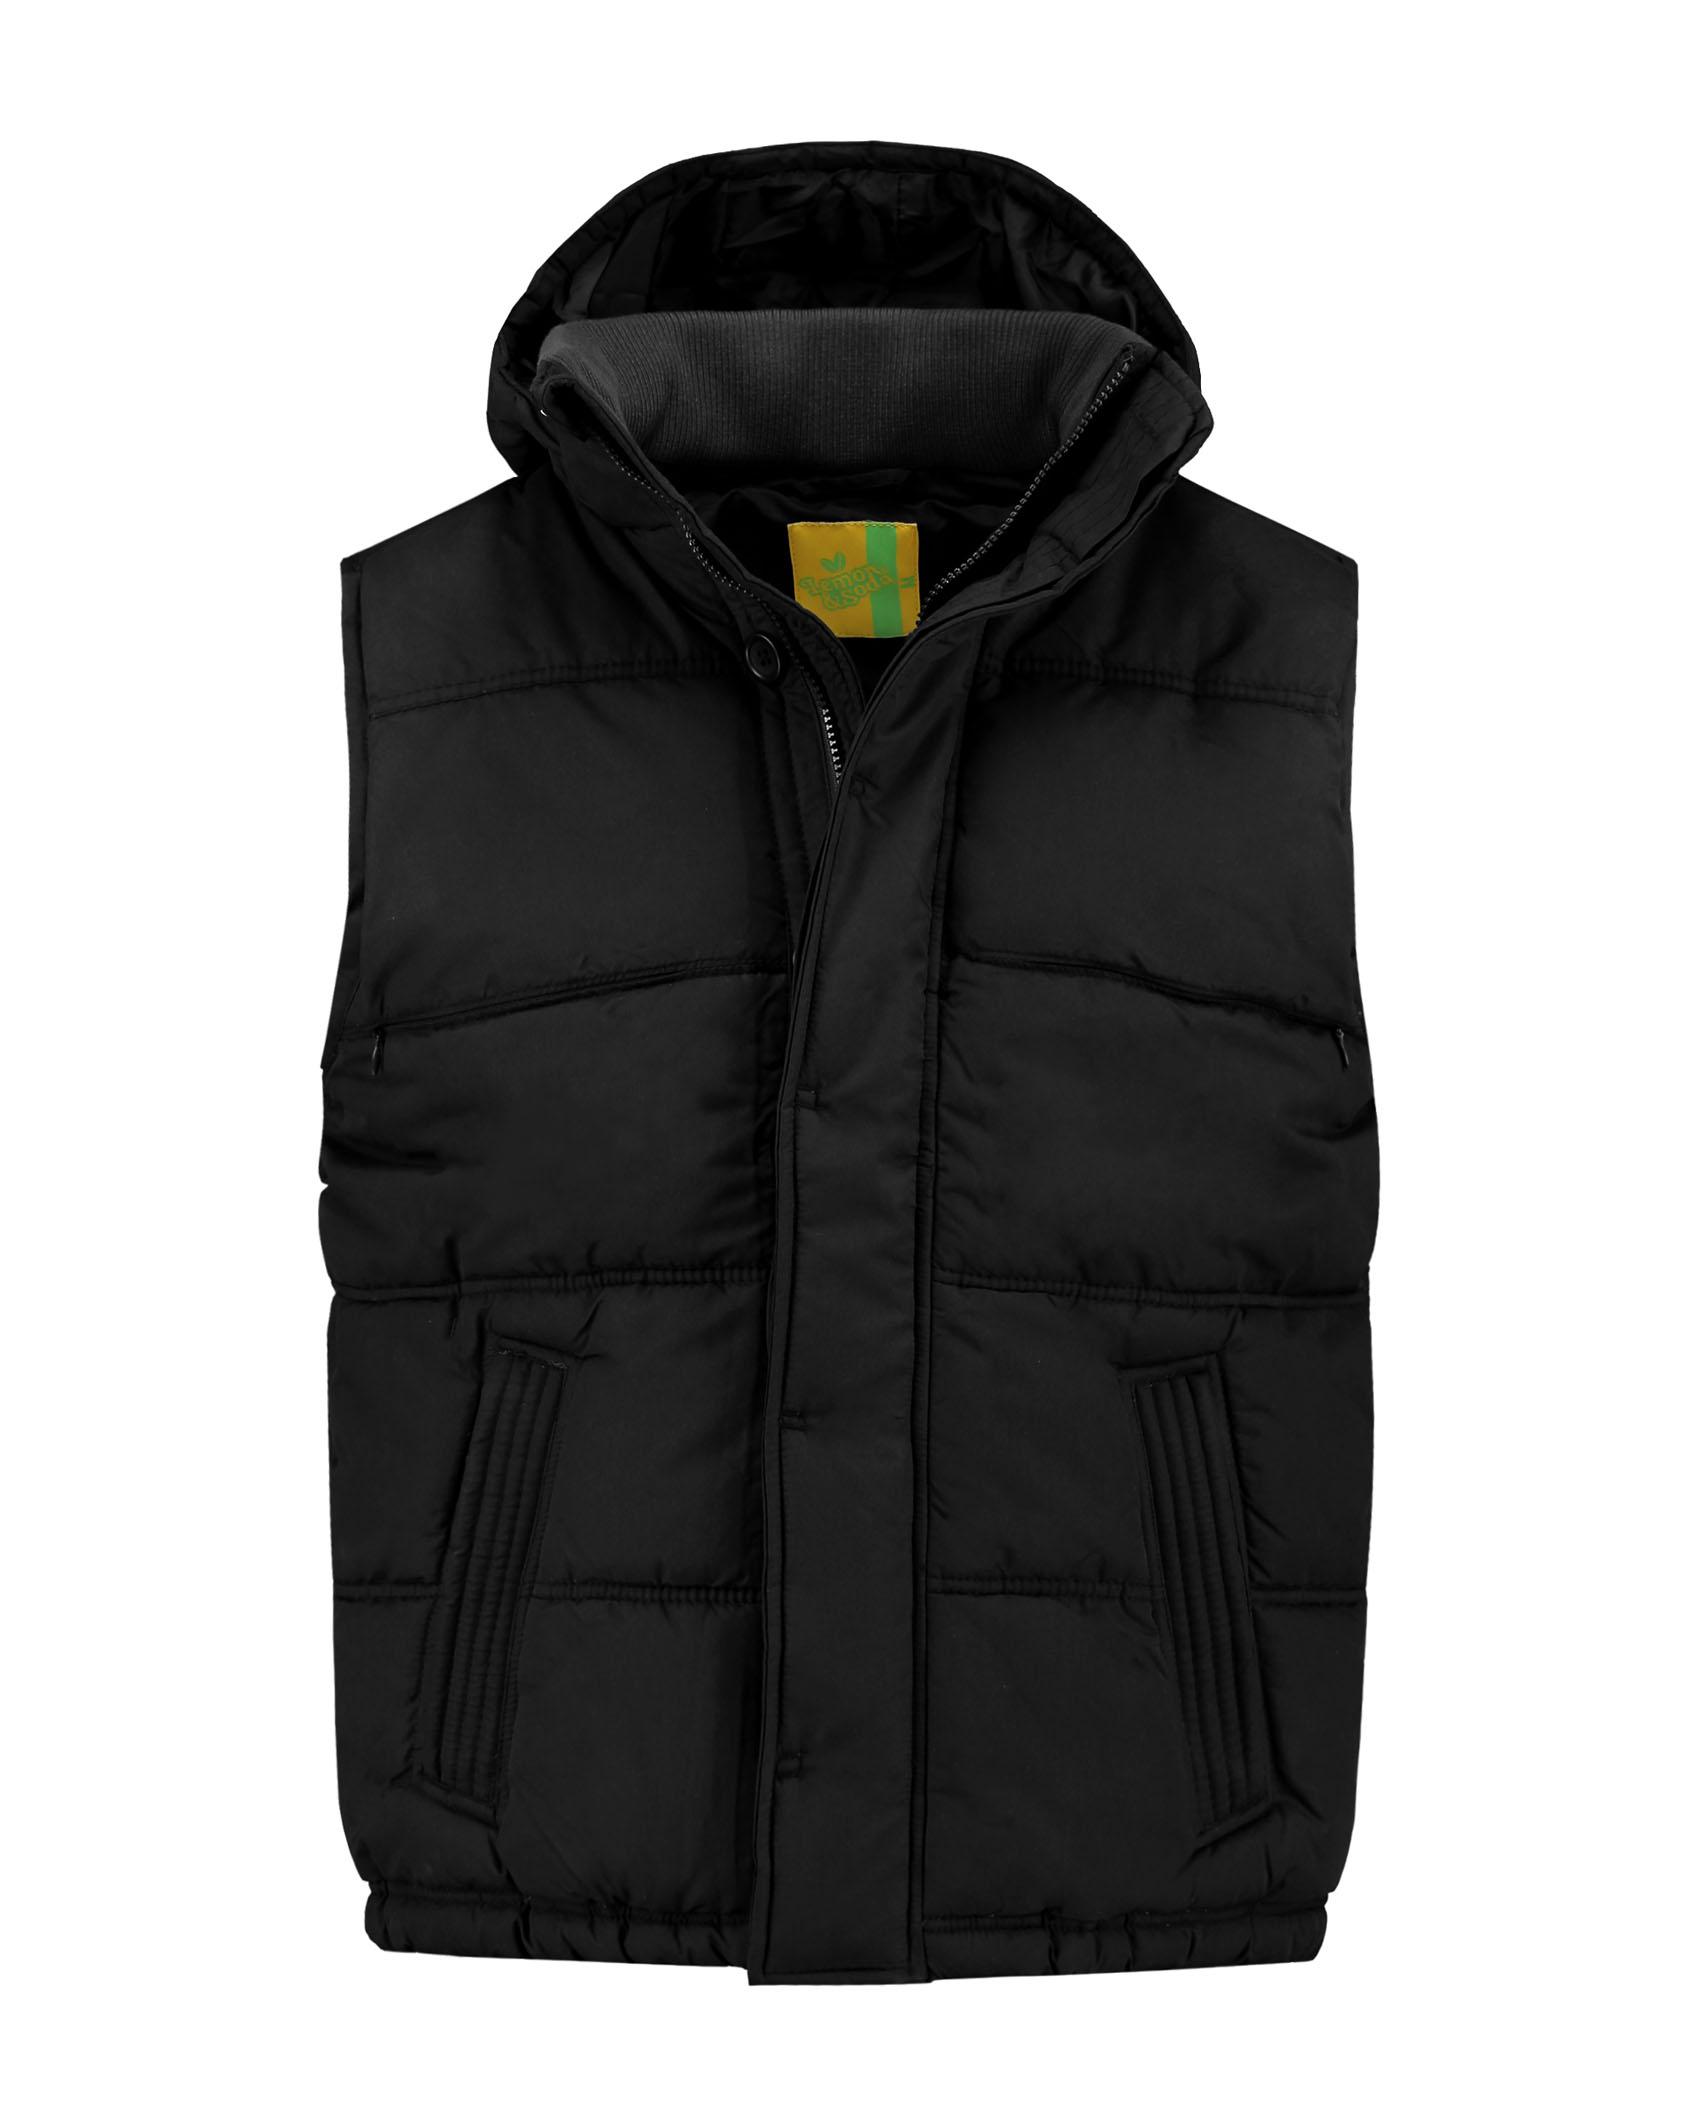 L&S Bodywarmer Hooded Unisex